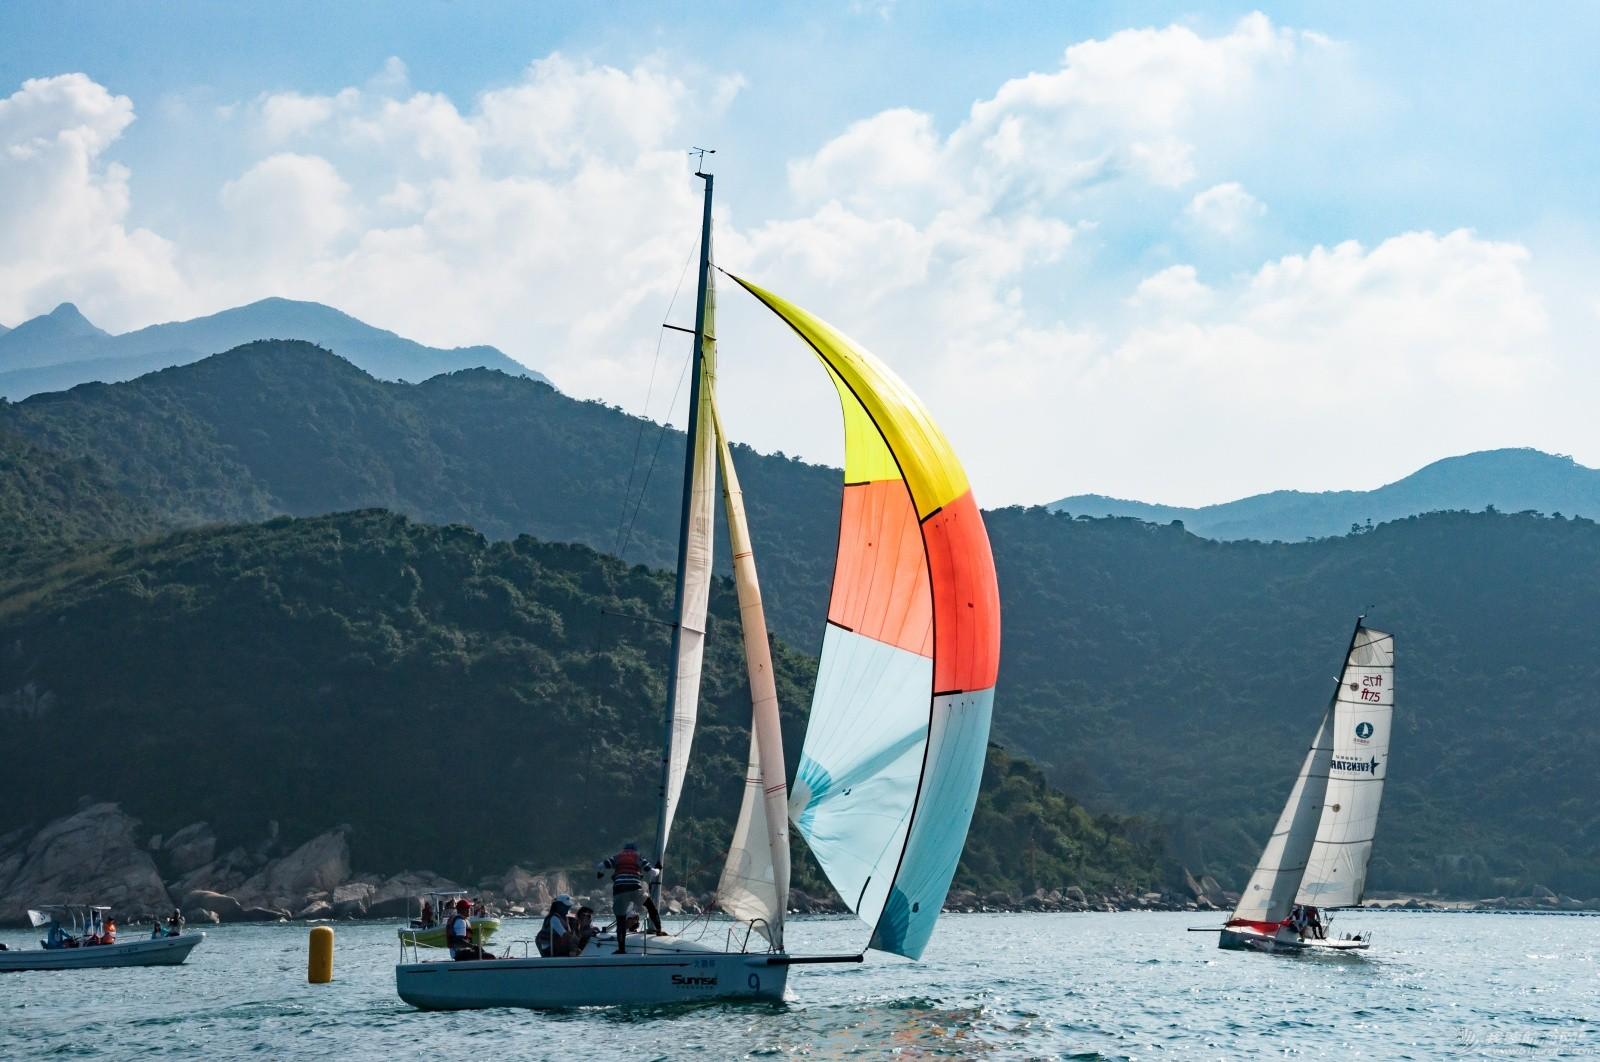 【2015大鹏杯帆船赛】51航海网船队在比赛中 s008.jpg